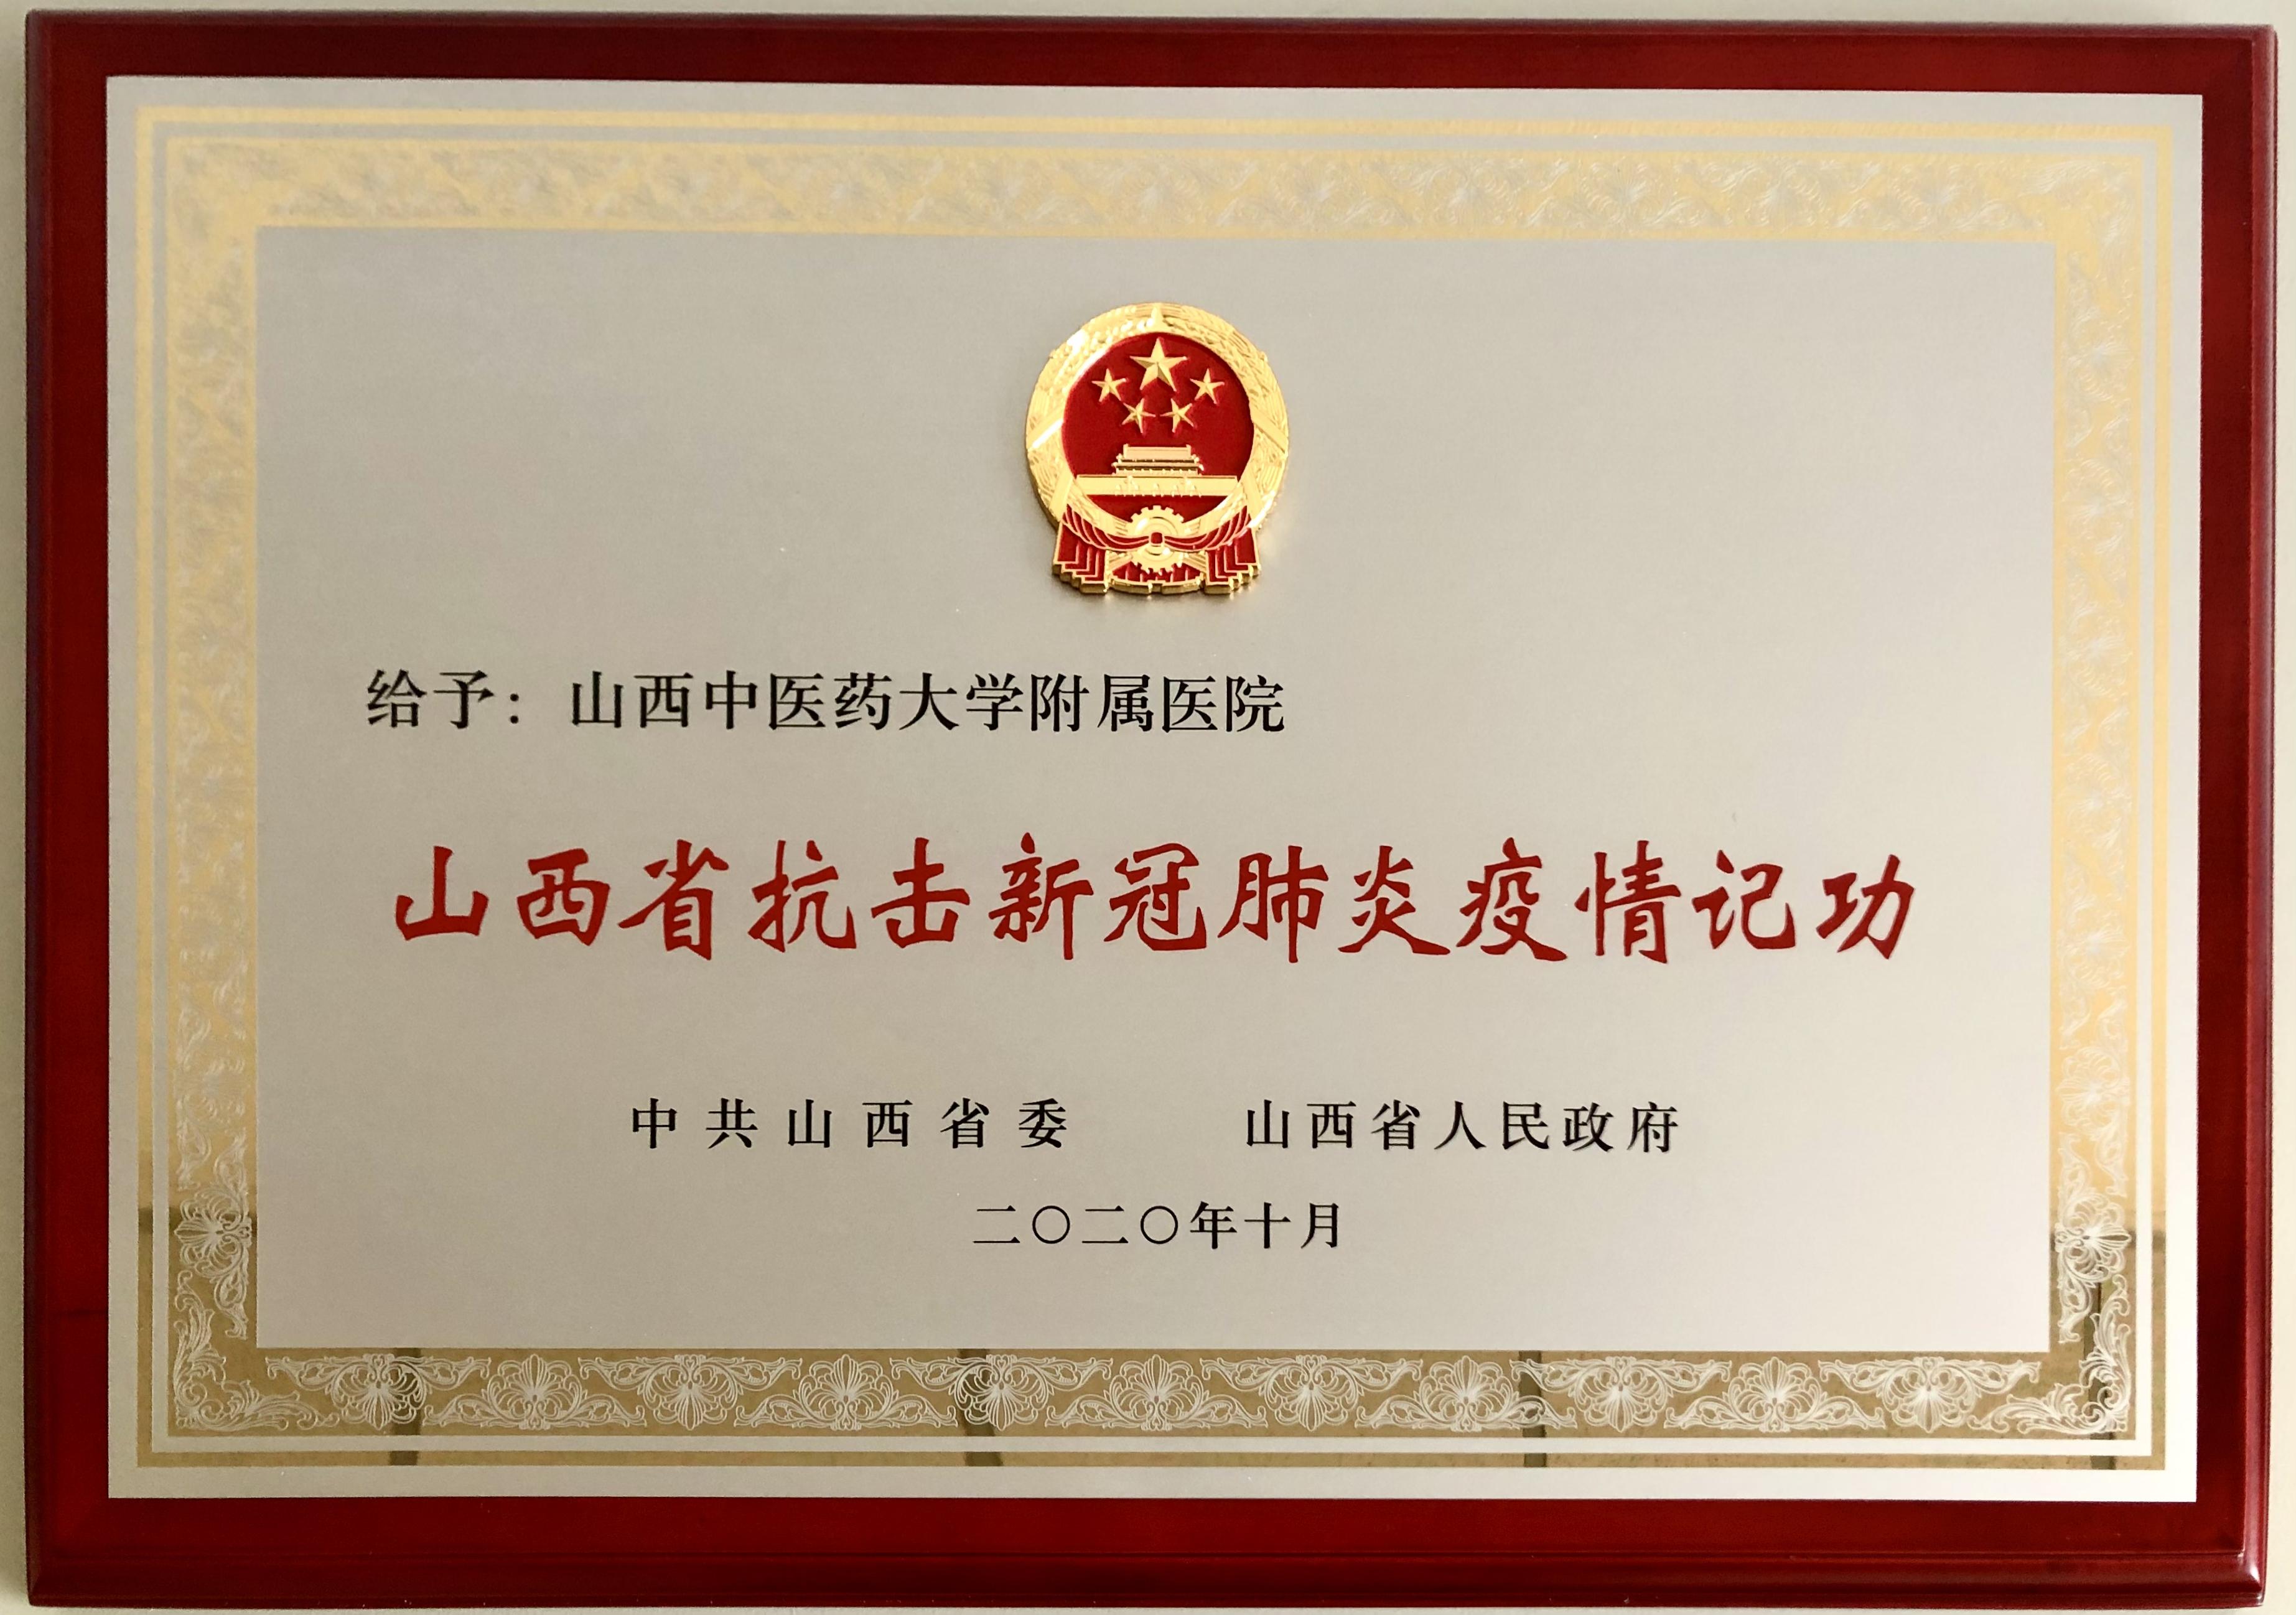 山西中医药大学附属医院在全省抗击新冠肺炎疫情表彰大会上集体记功